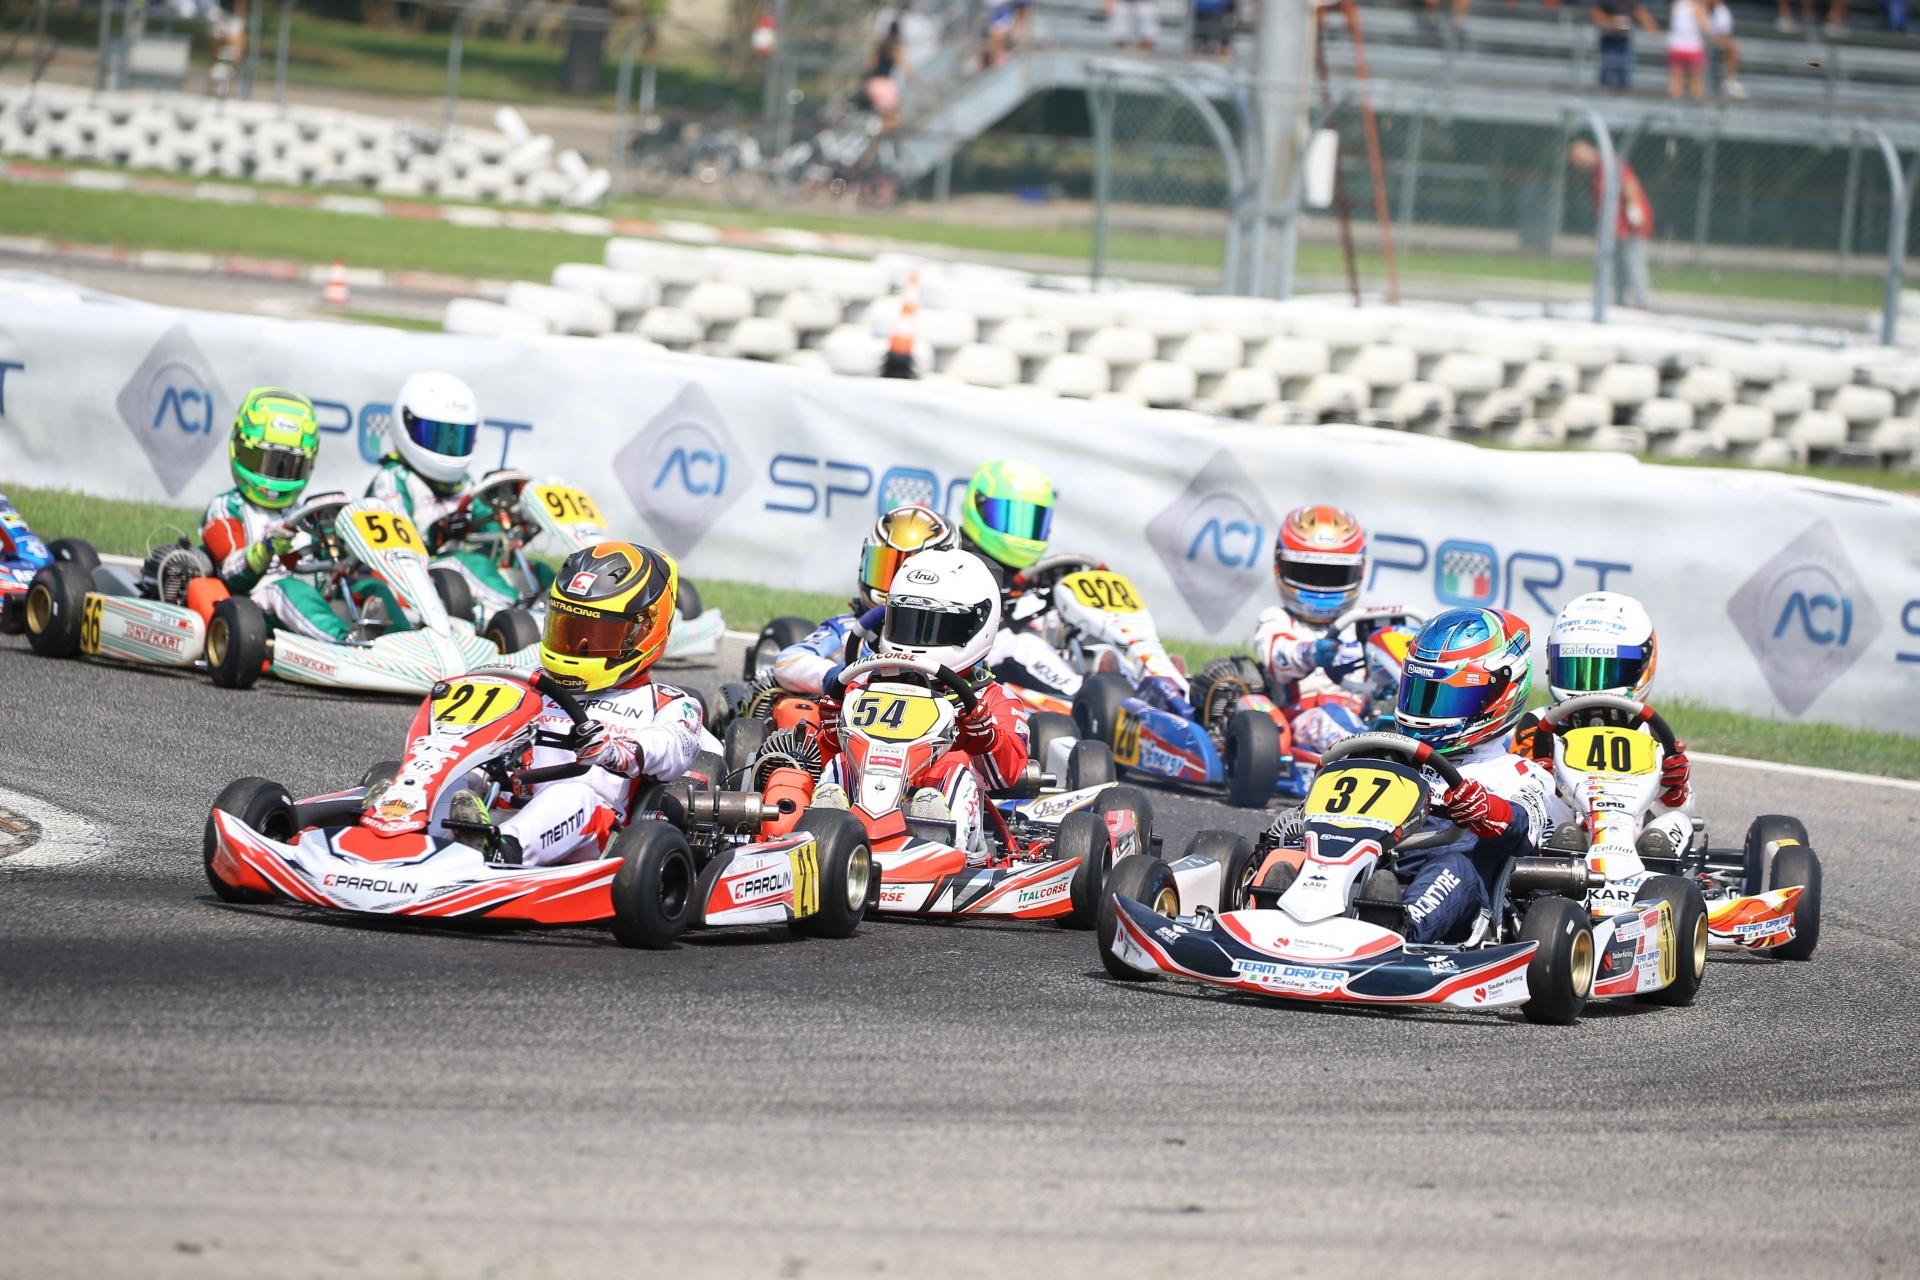 Campionato Italiano ACI Karting 2020: tutte le validità, le date, le piste e le categorie